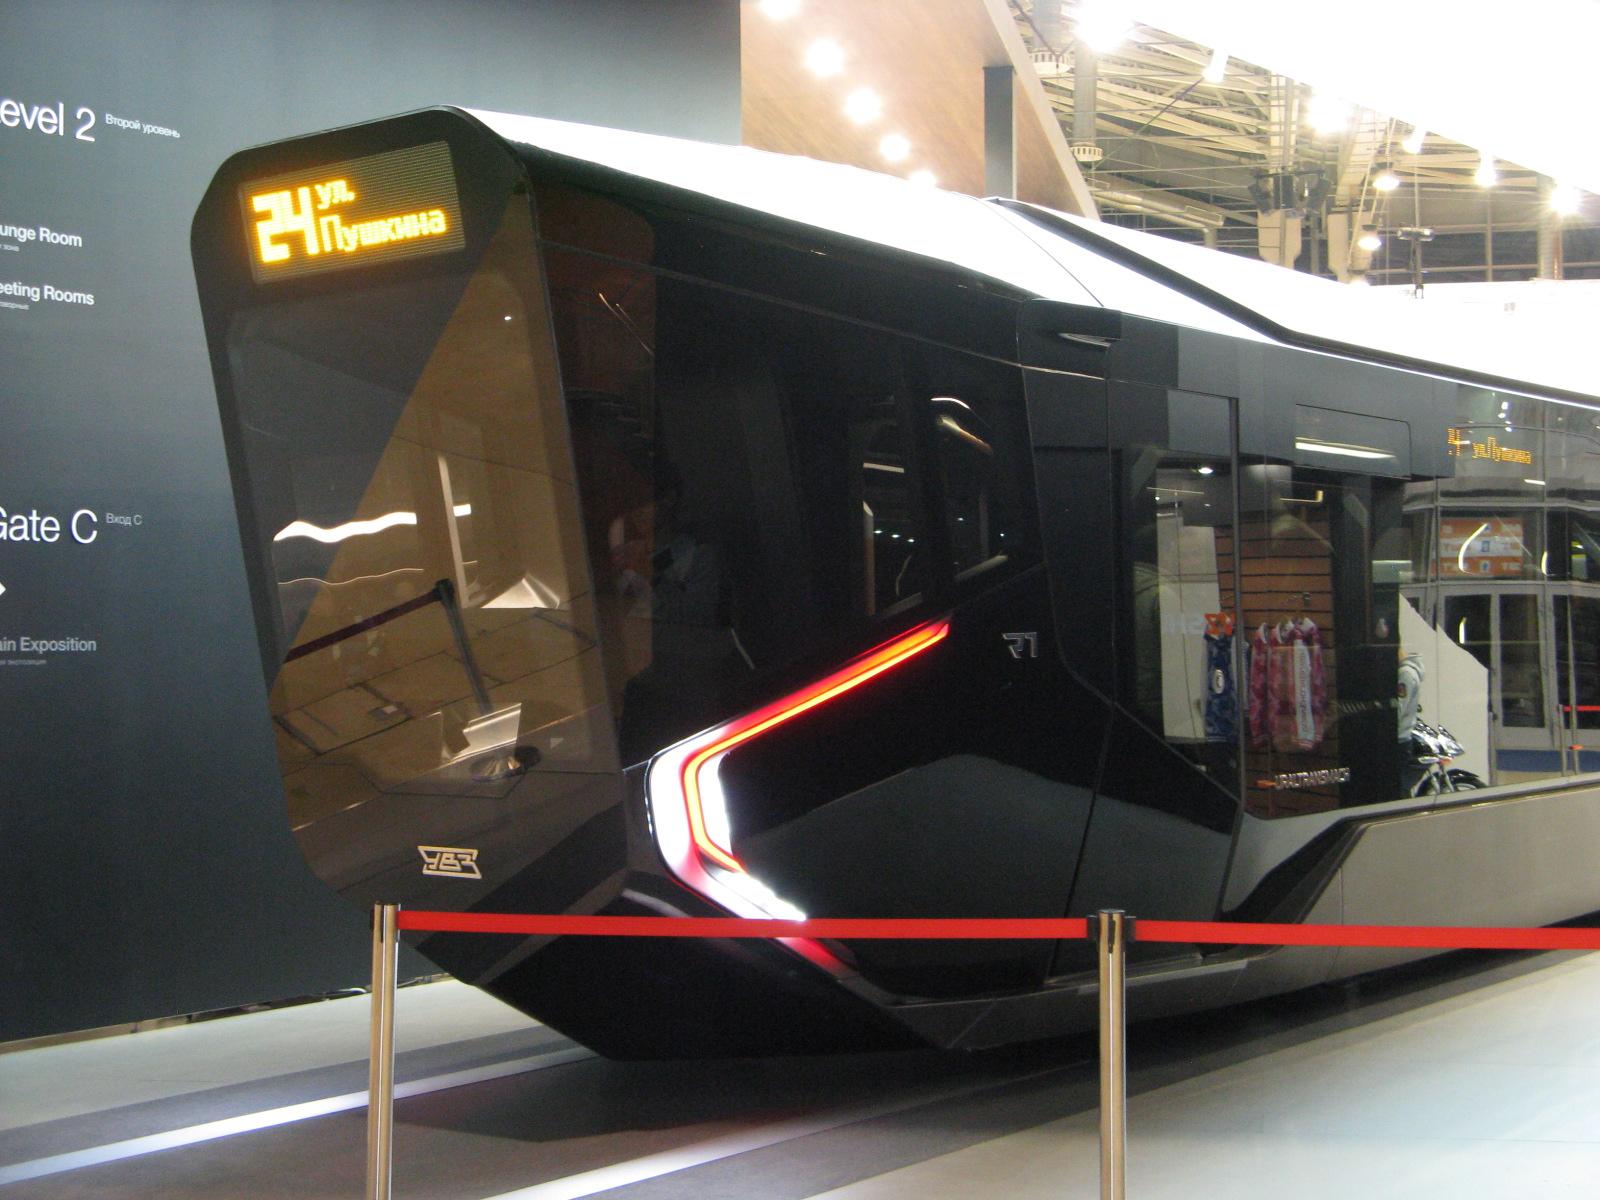 Трамвай 71-410,  он же R1, одна из двух кабин